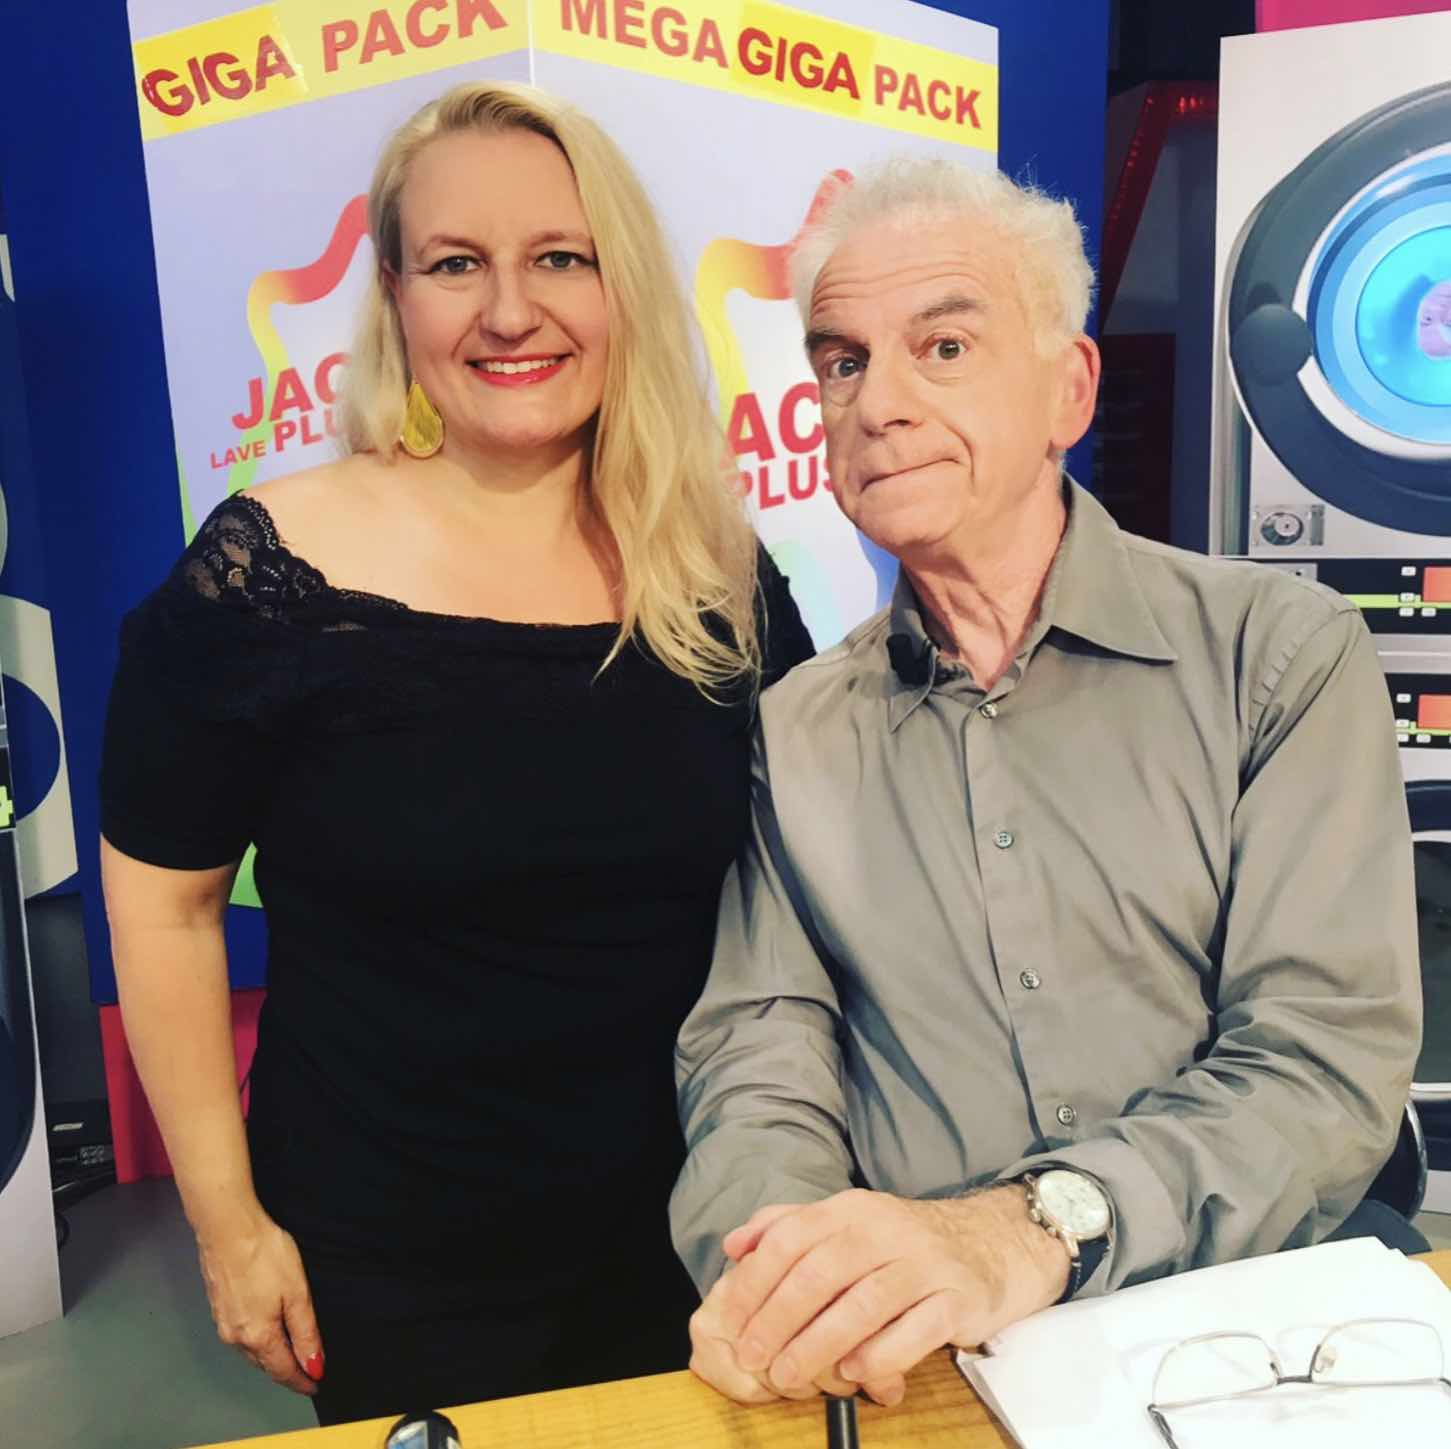 Avec Jacky dans son émission JLPP sur la chaine IDF1